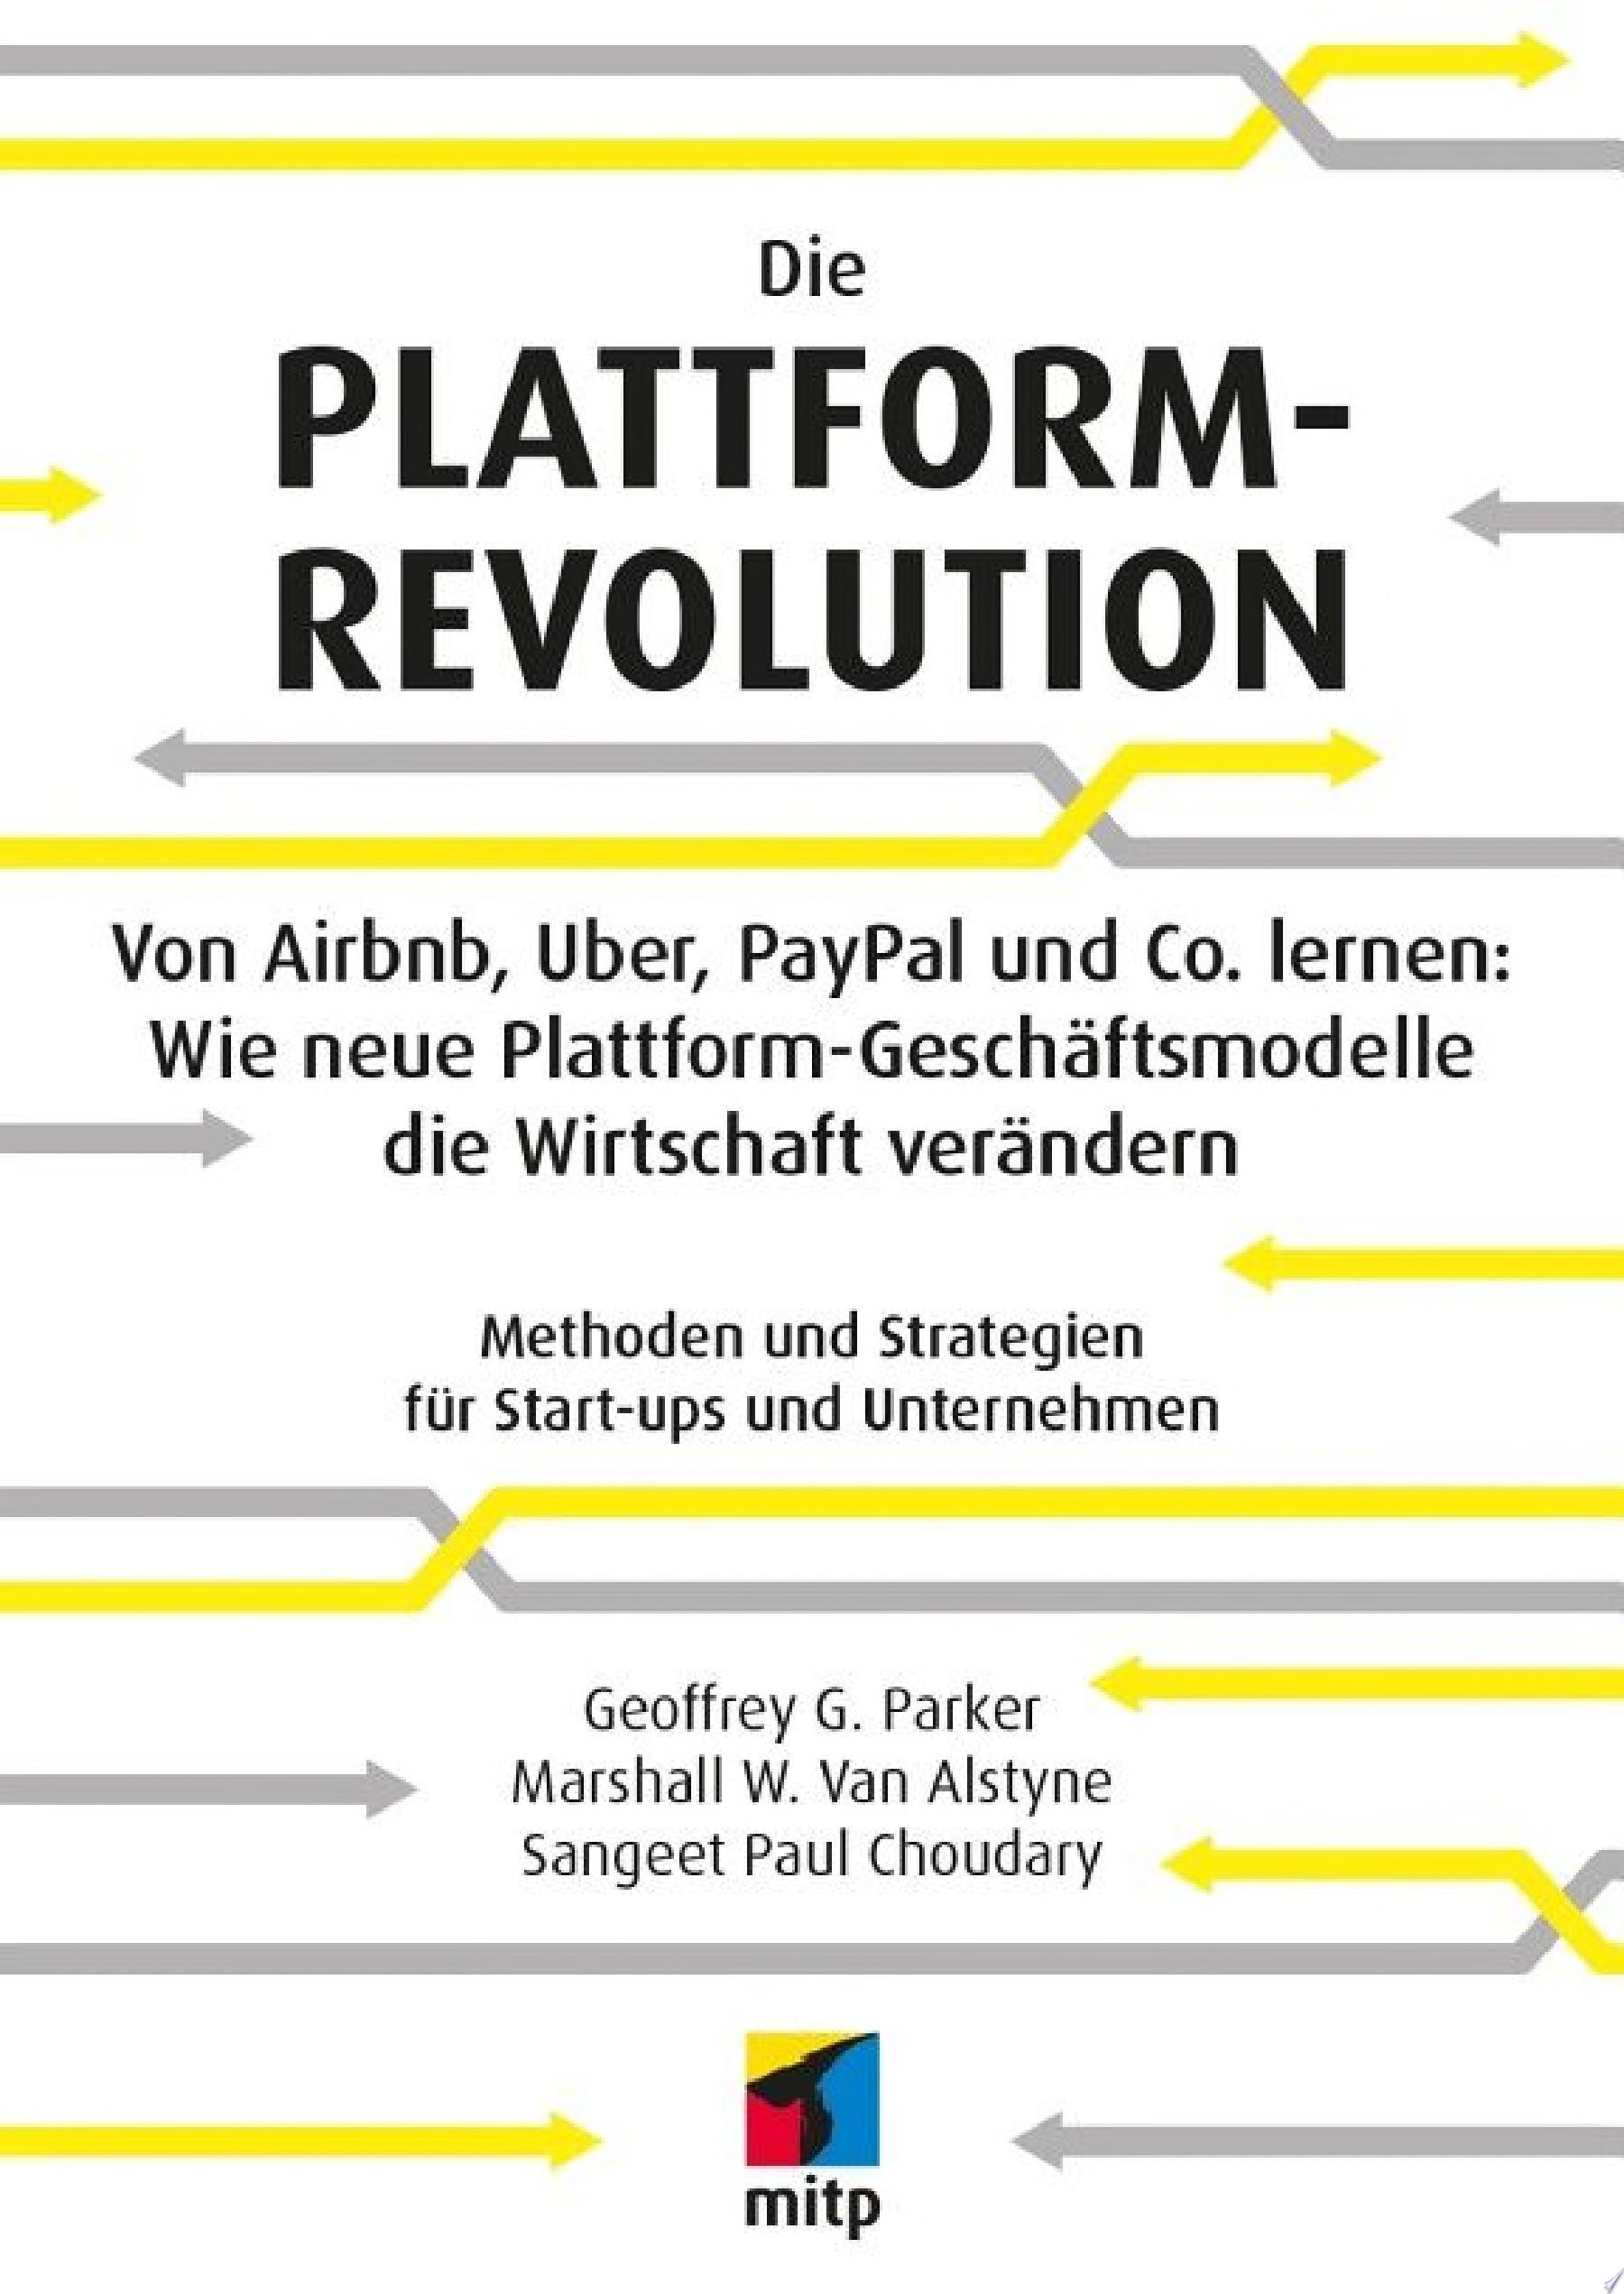 Die Plattform Revolution